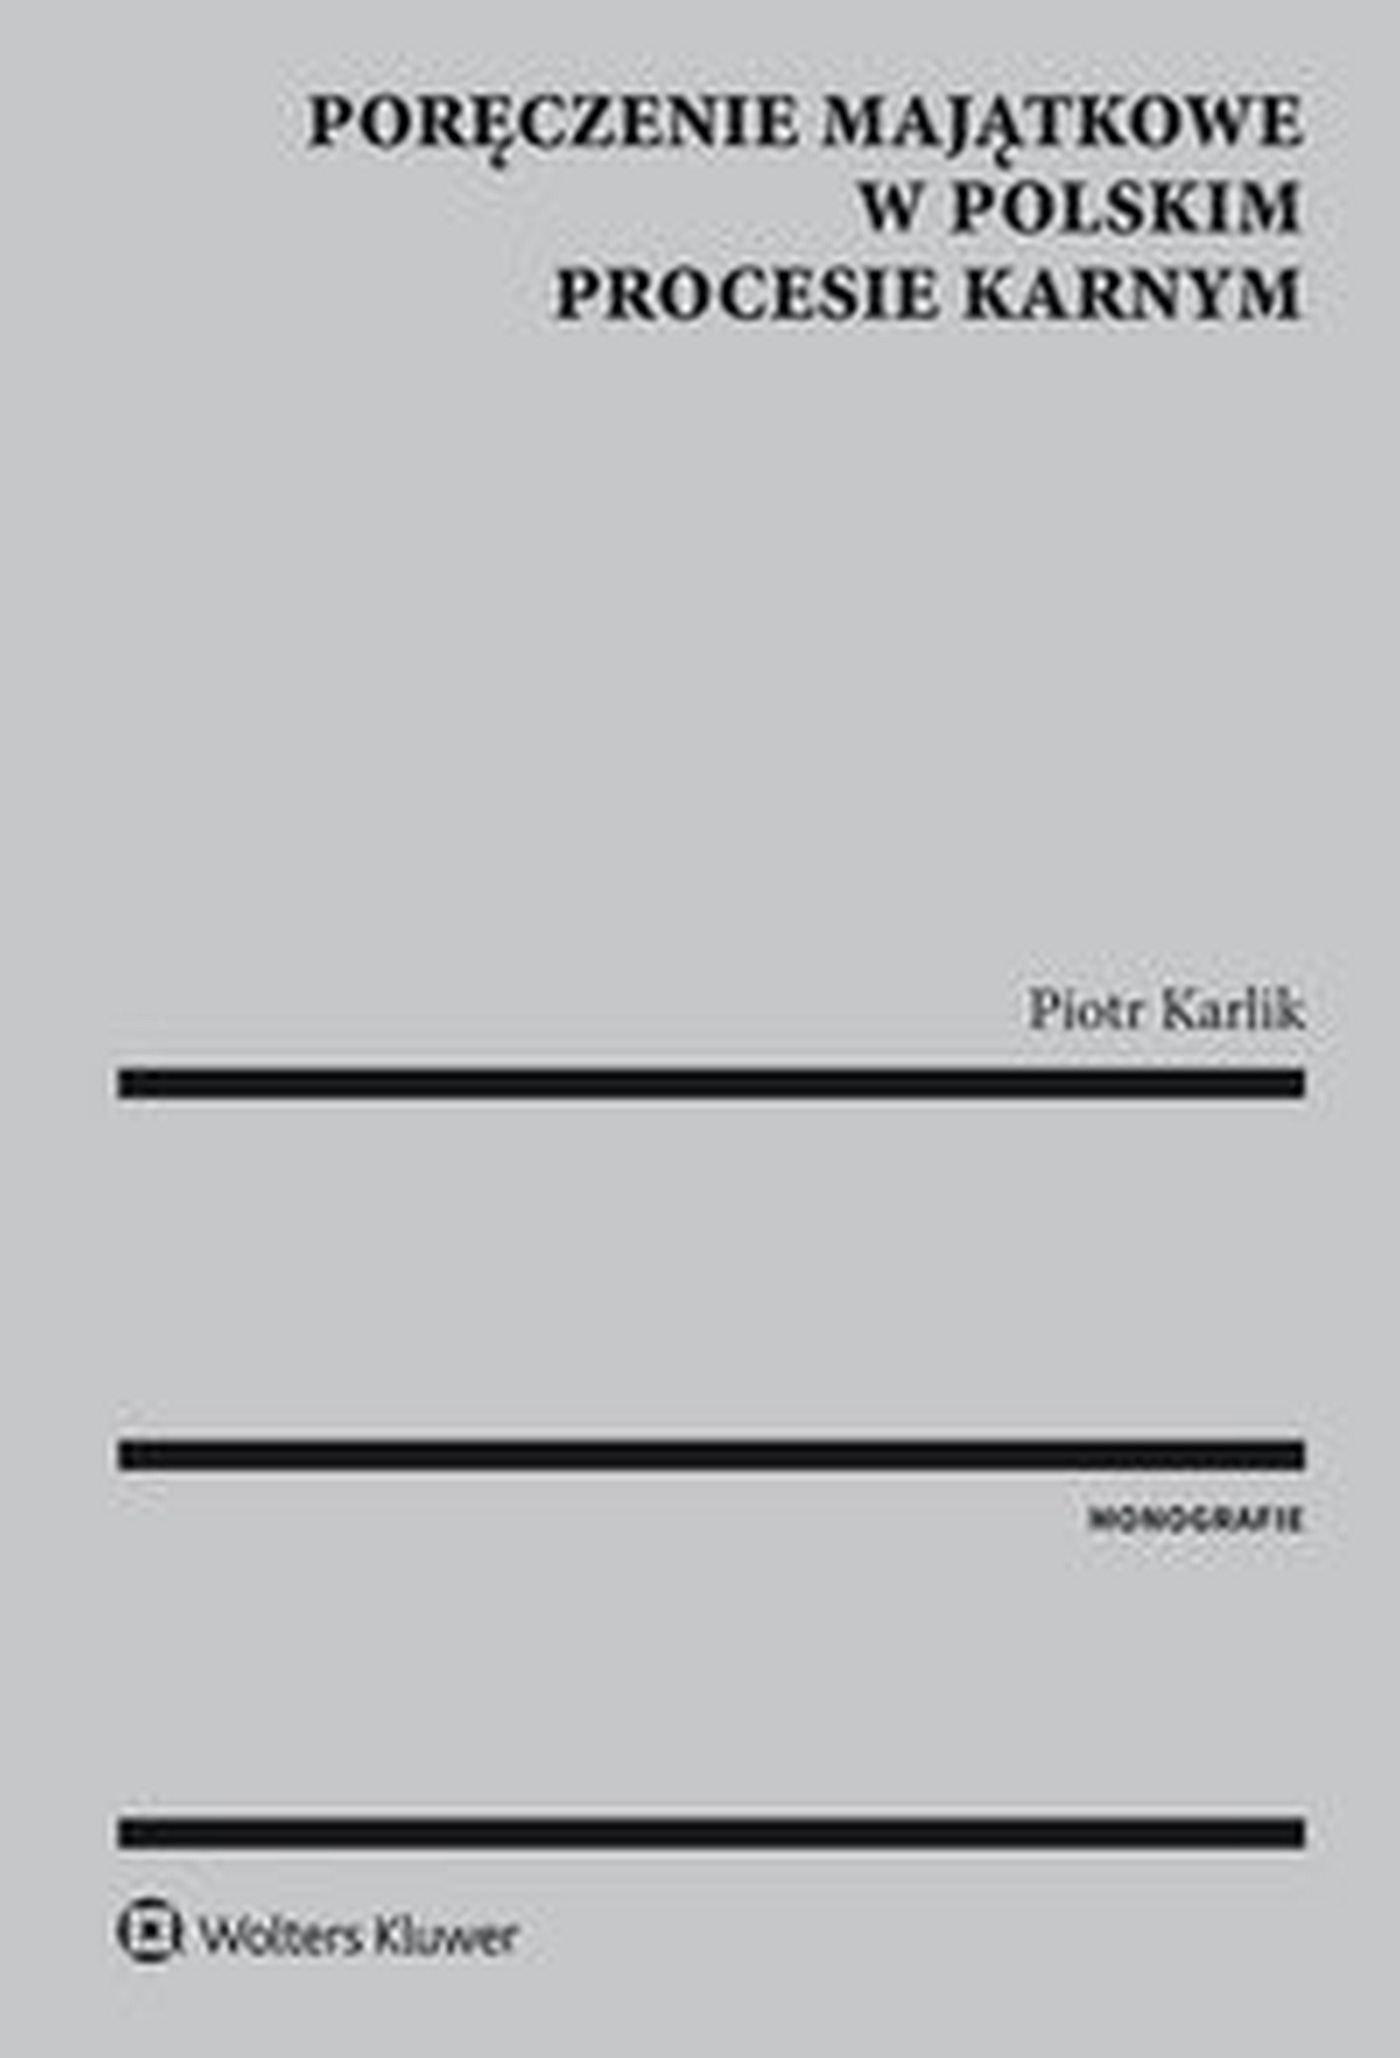 Poręczenie majątkowe w polskim procesie karnym - Ebook (Książka EPUB) do pobrania w formacie EPUB